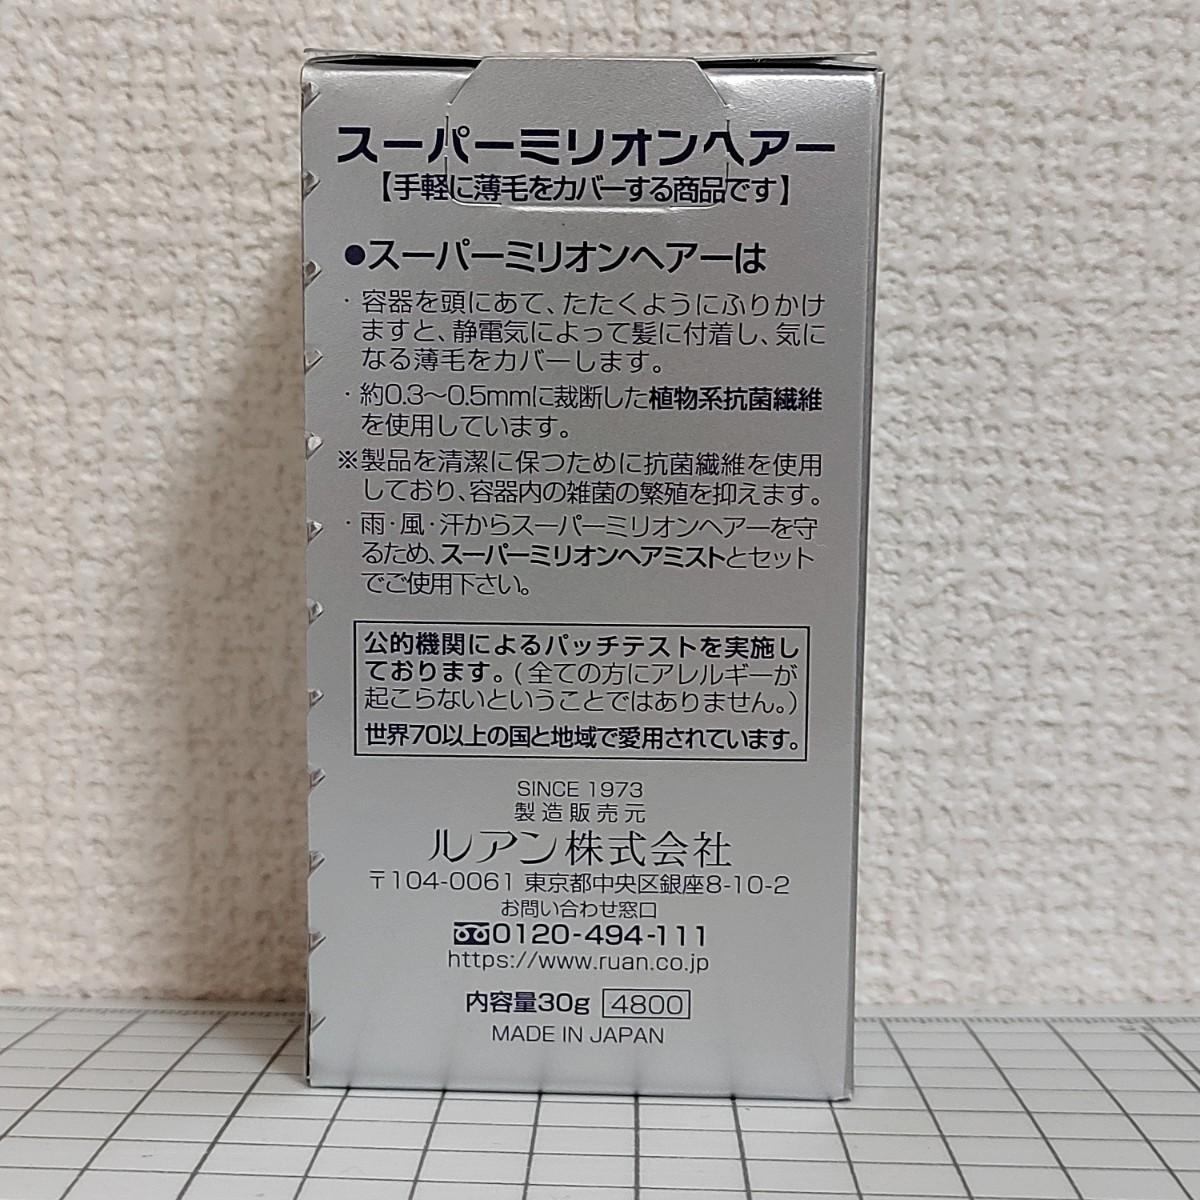 スーパーミリオンヘアー ライトブラウン 30g 6箱 新品・未開封